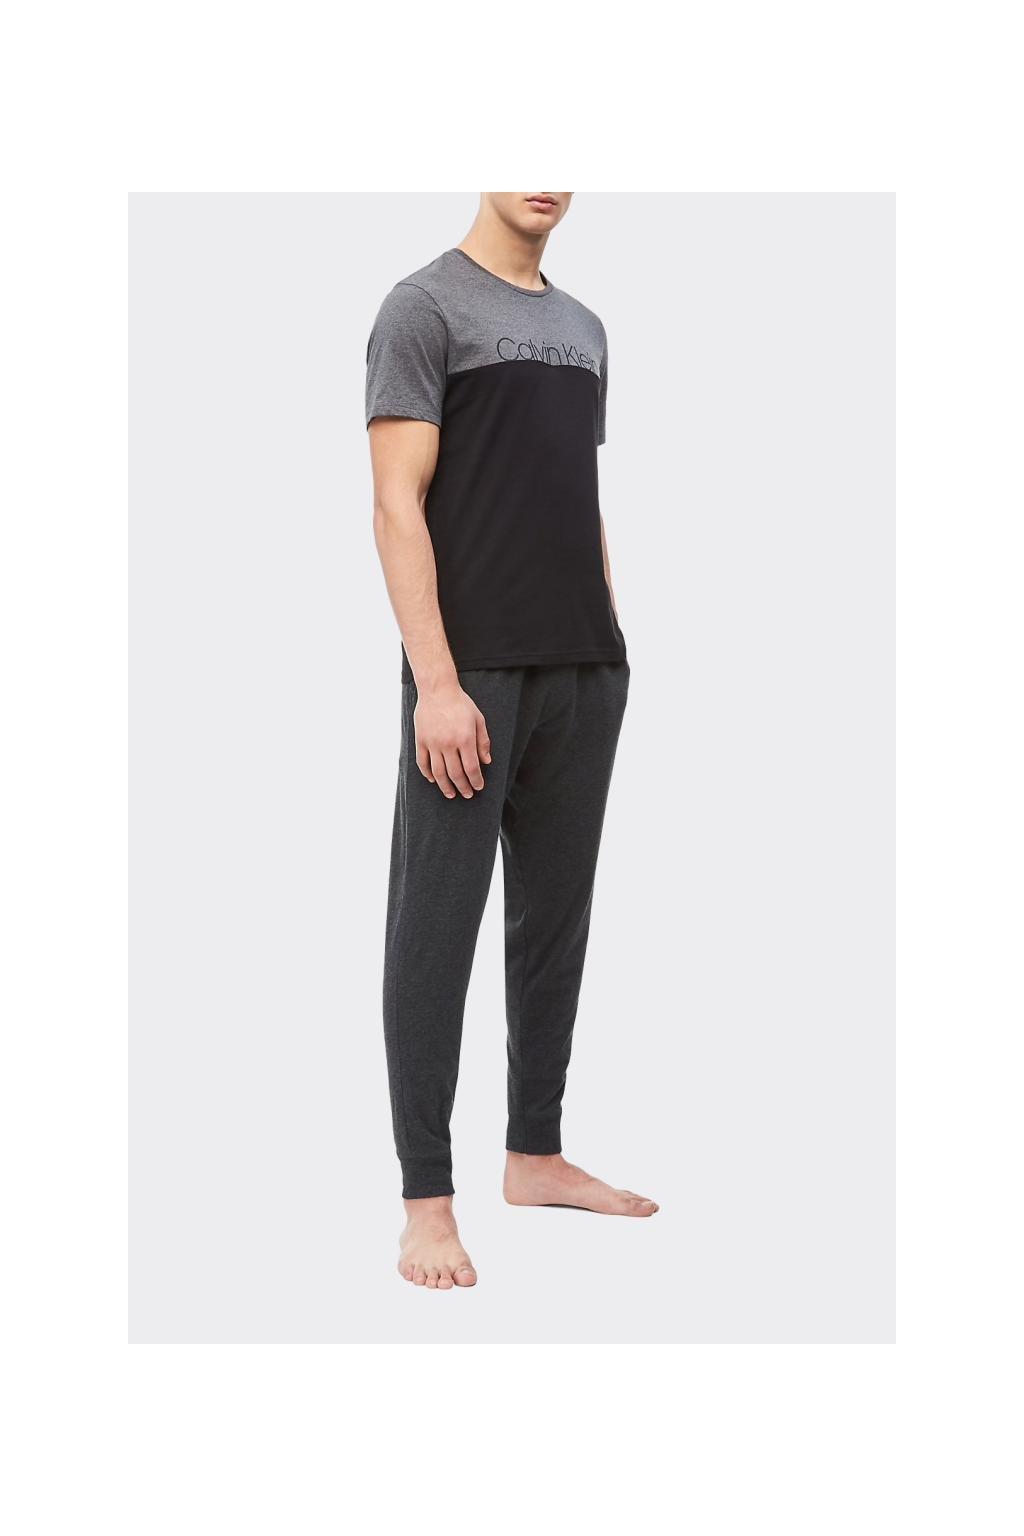 Calvin Klein pánské tričko - černá/šedá